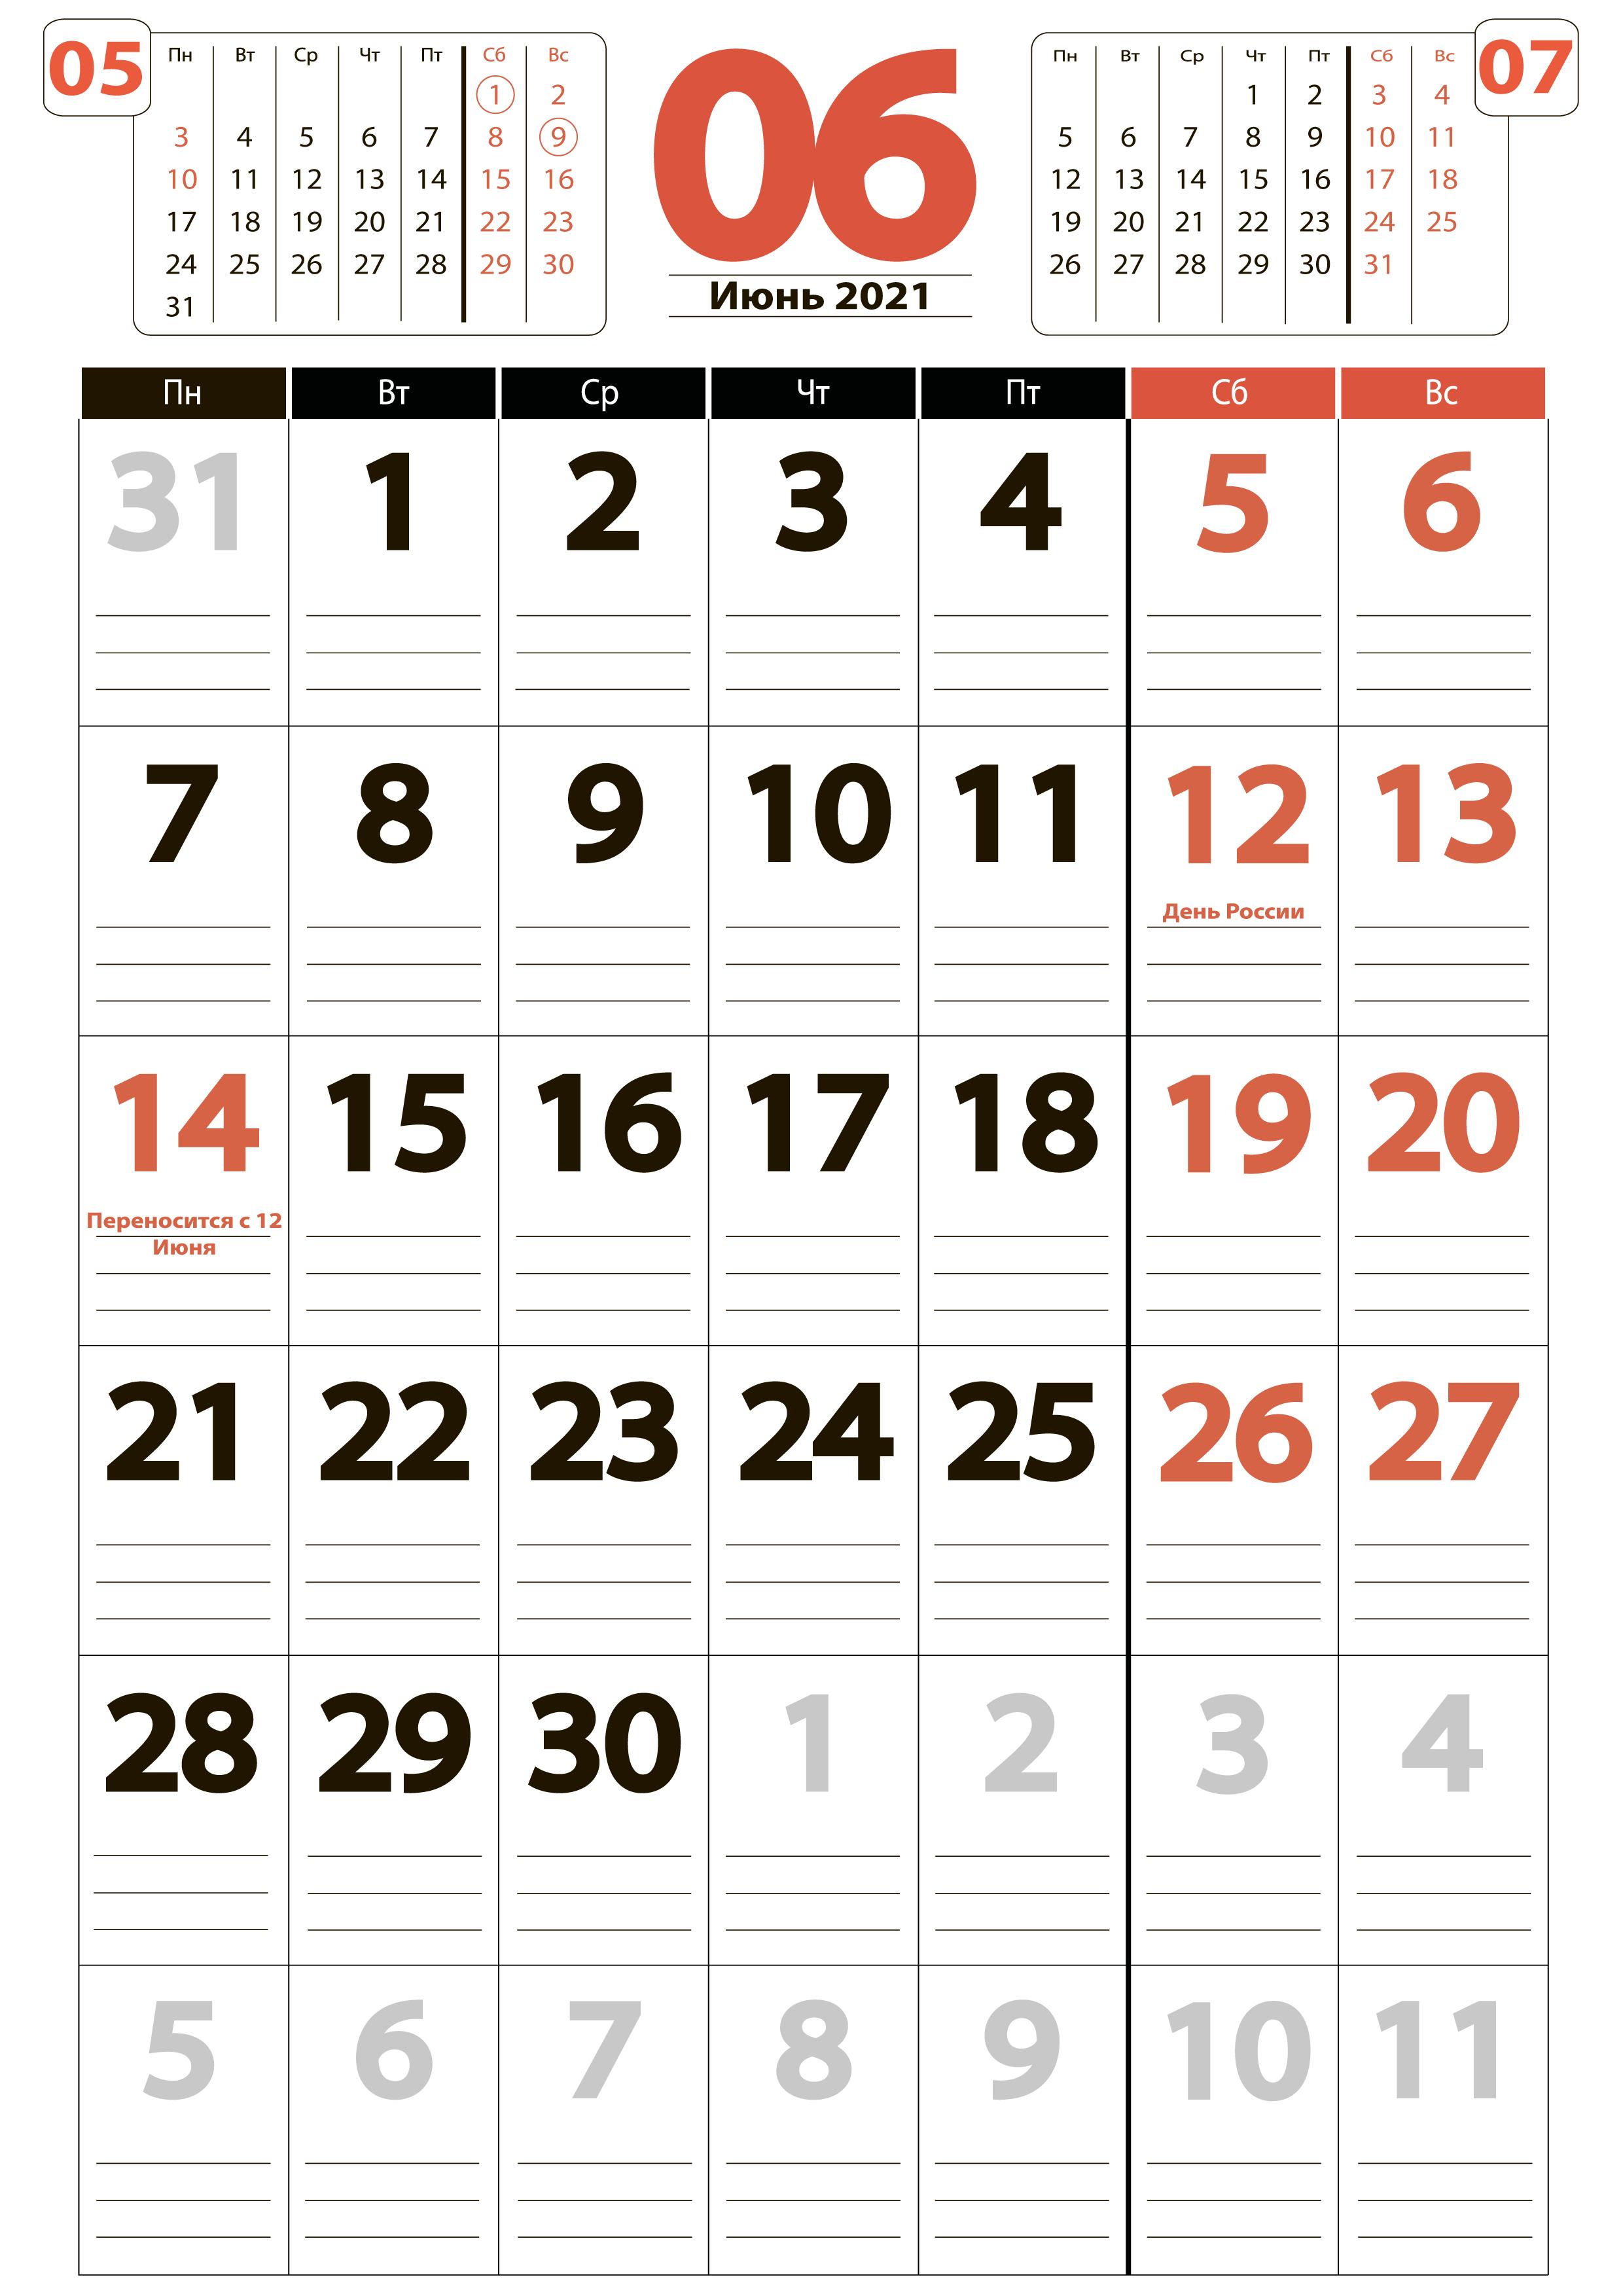 Июнь 2021 - Календарь книжный формат